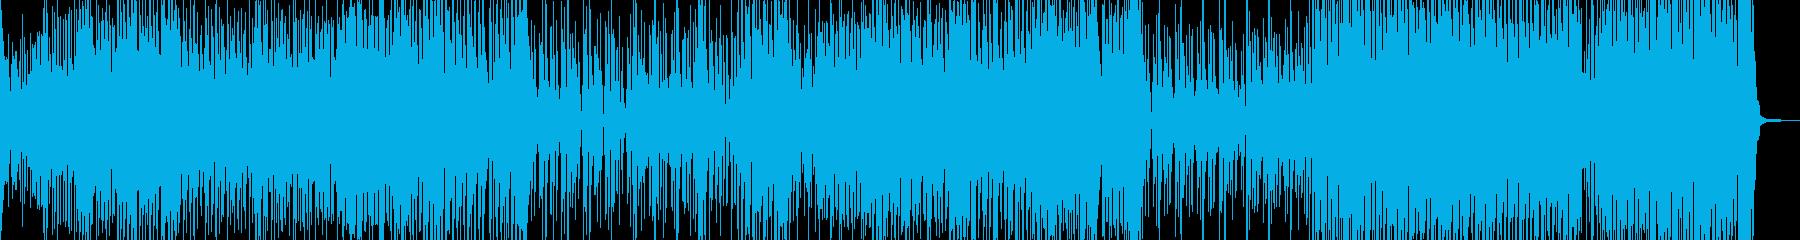 フレンドリーな作品に レゲェポップ Cの再生済みの波形